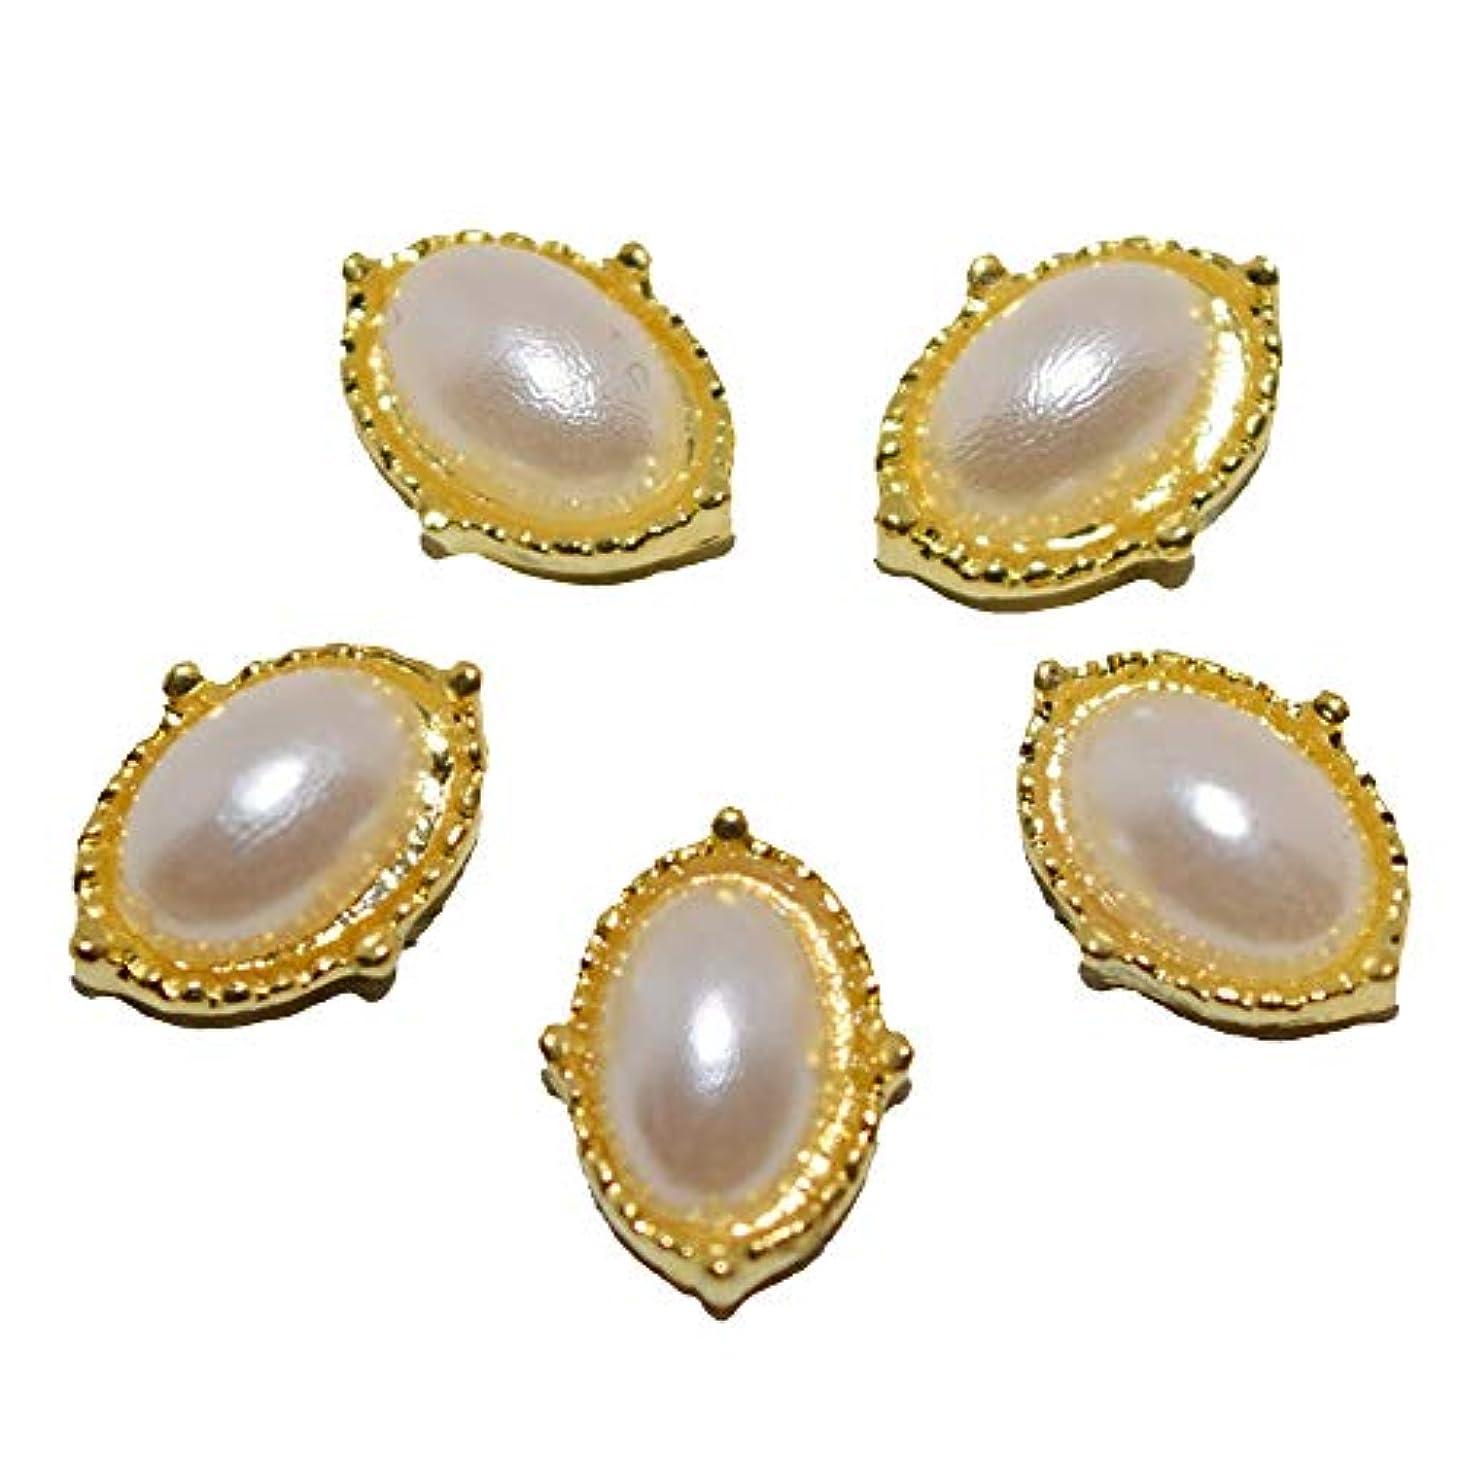 野生聴覚肉の10個入り金馬の目の真珠3Dネイルアートの装飾合金ネイルチャームネイルズラインストーン用品